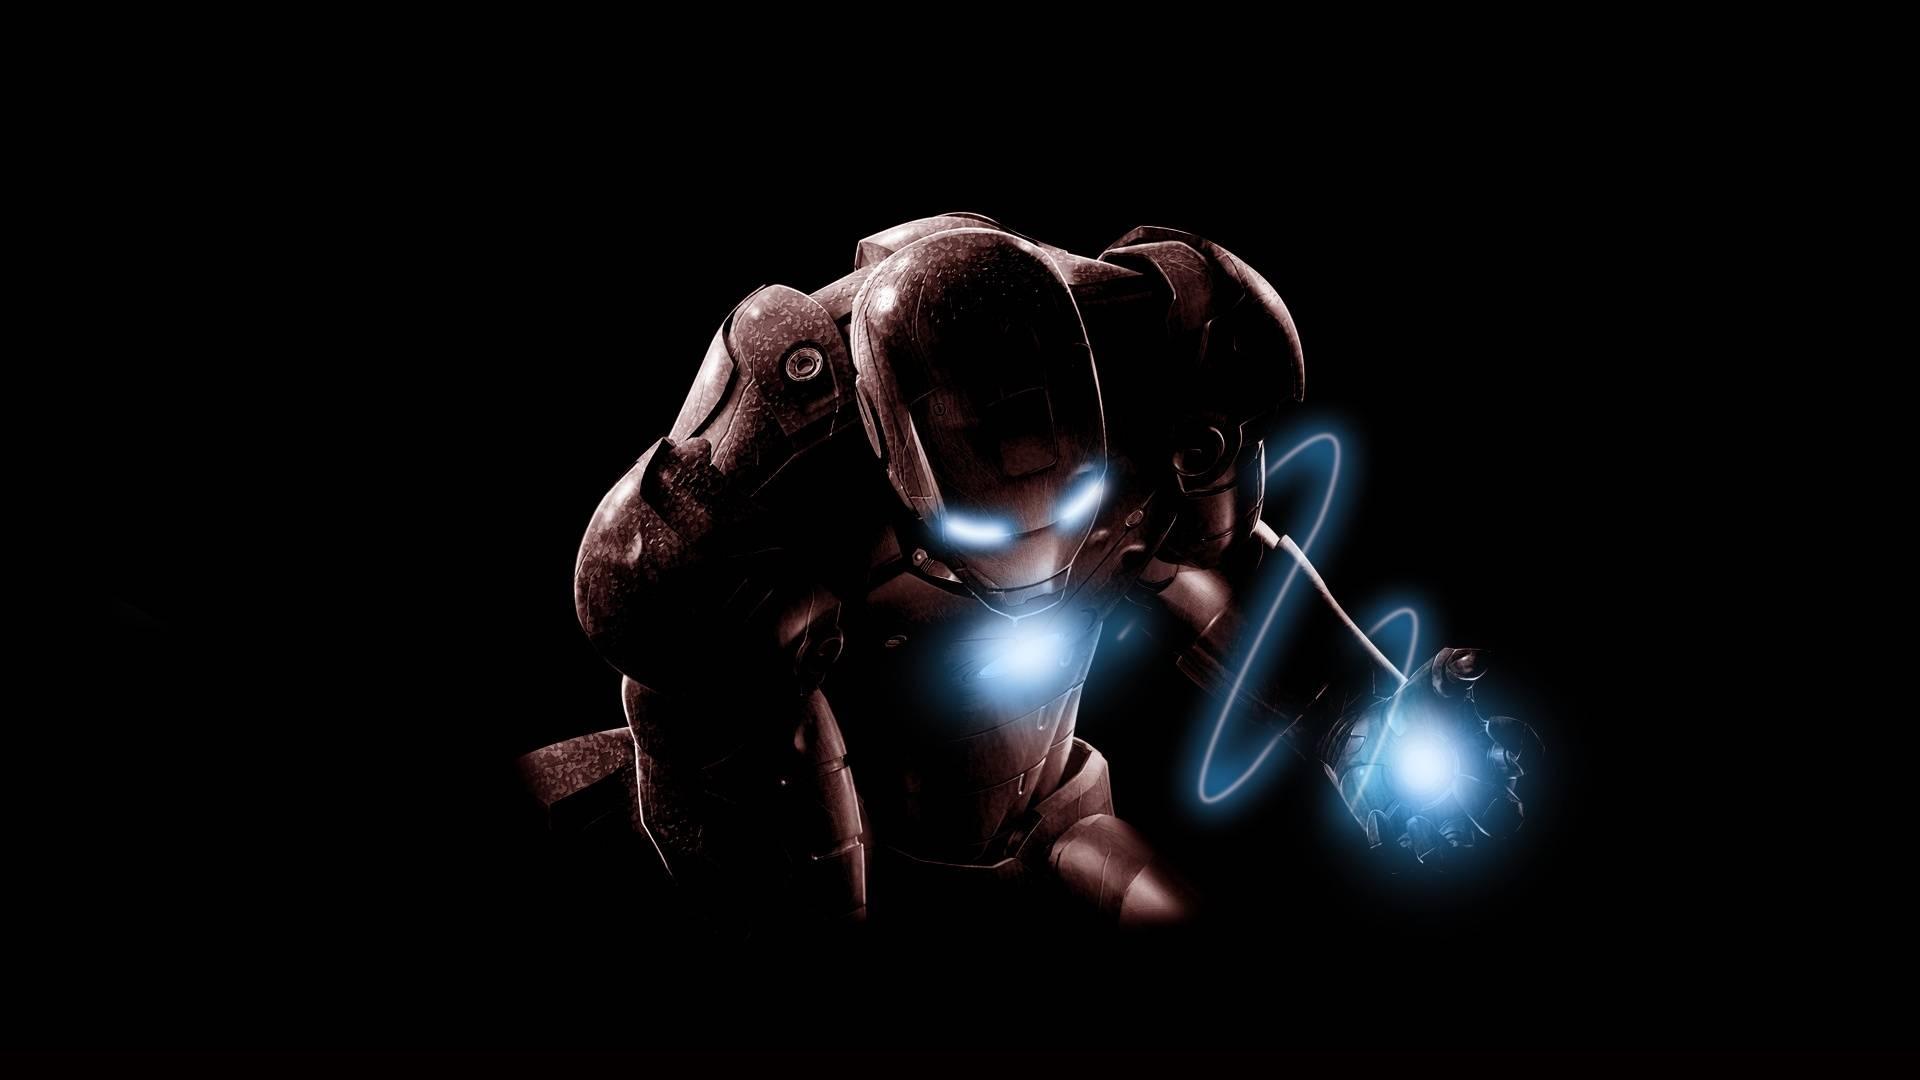 3D Wall Art Iron Man | Wallartideas With Regard To 2018 Iron Man 3D Wall Art (Gallery 16 of 20)